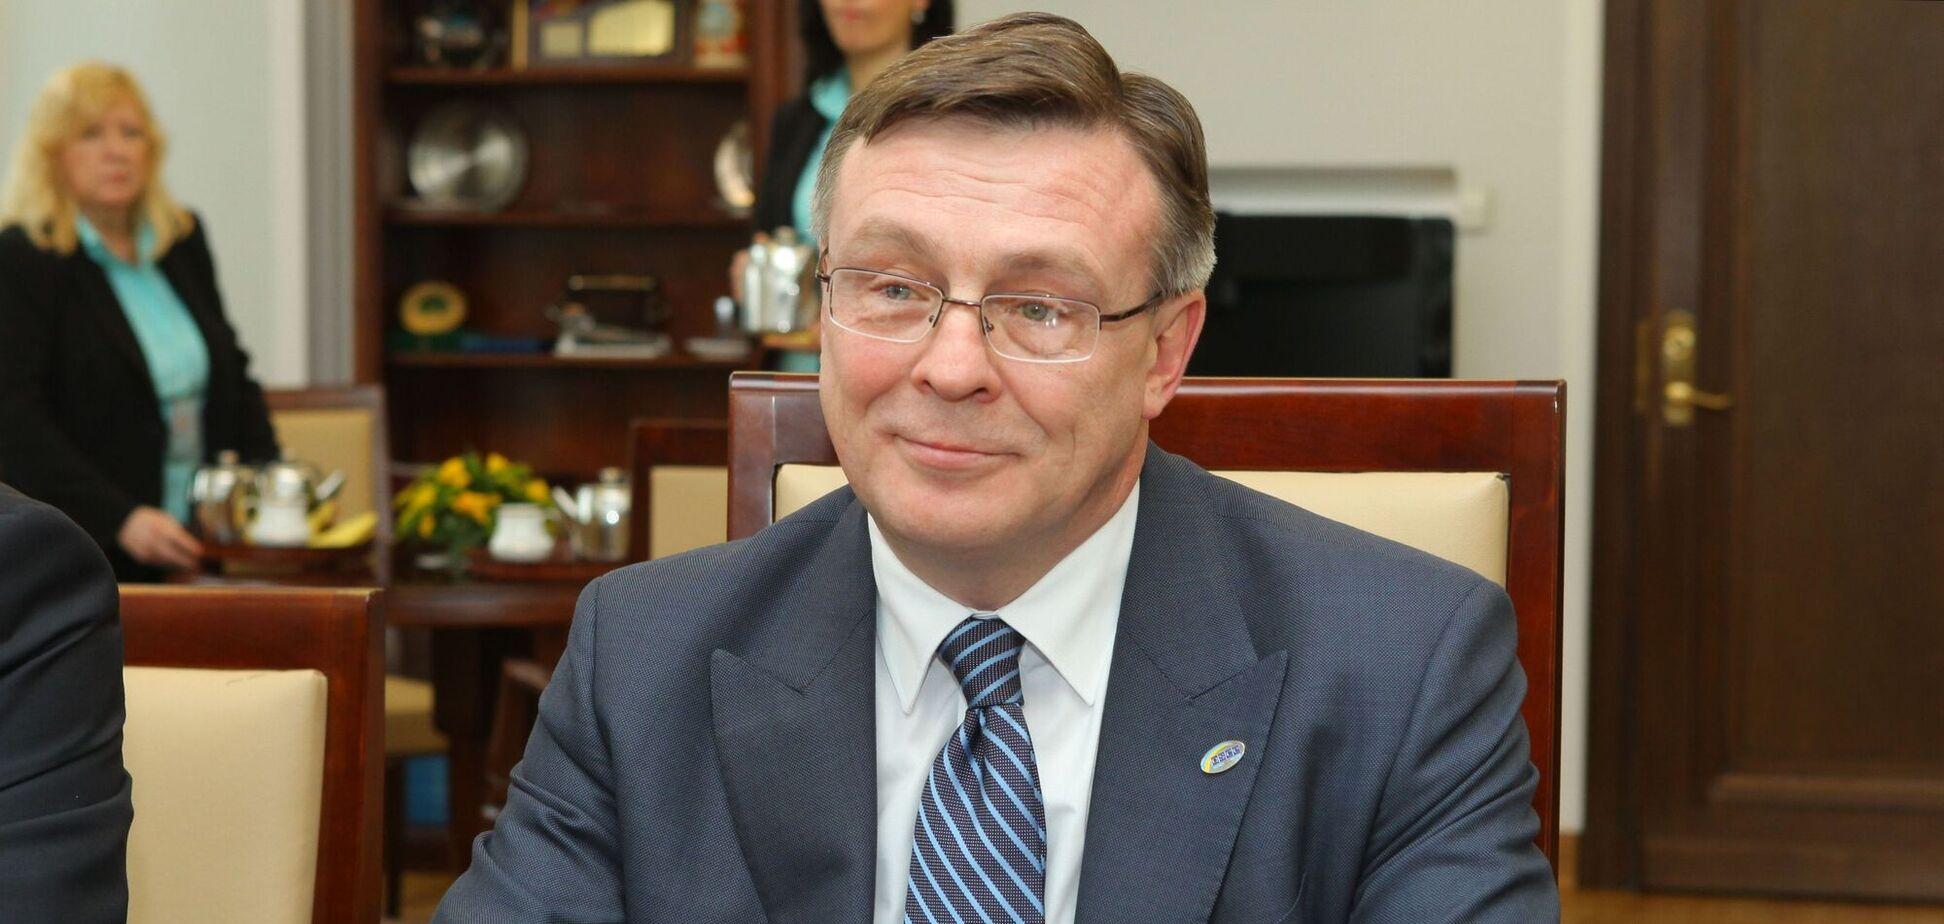 Кожара после внесения залога выступил на одном из телеканалов. Фото senat.gov.pl